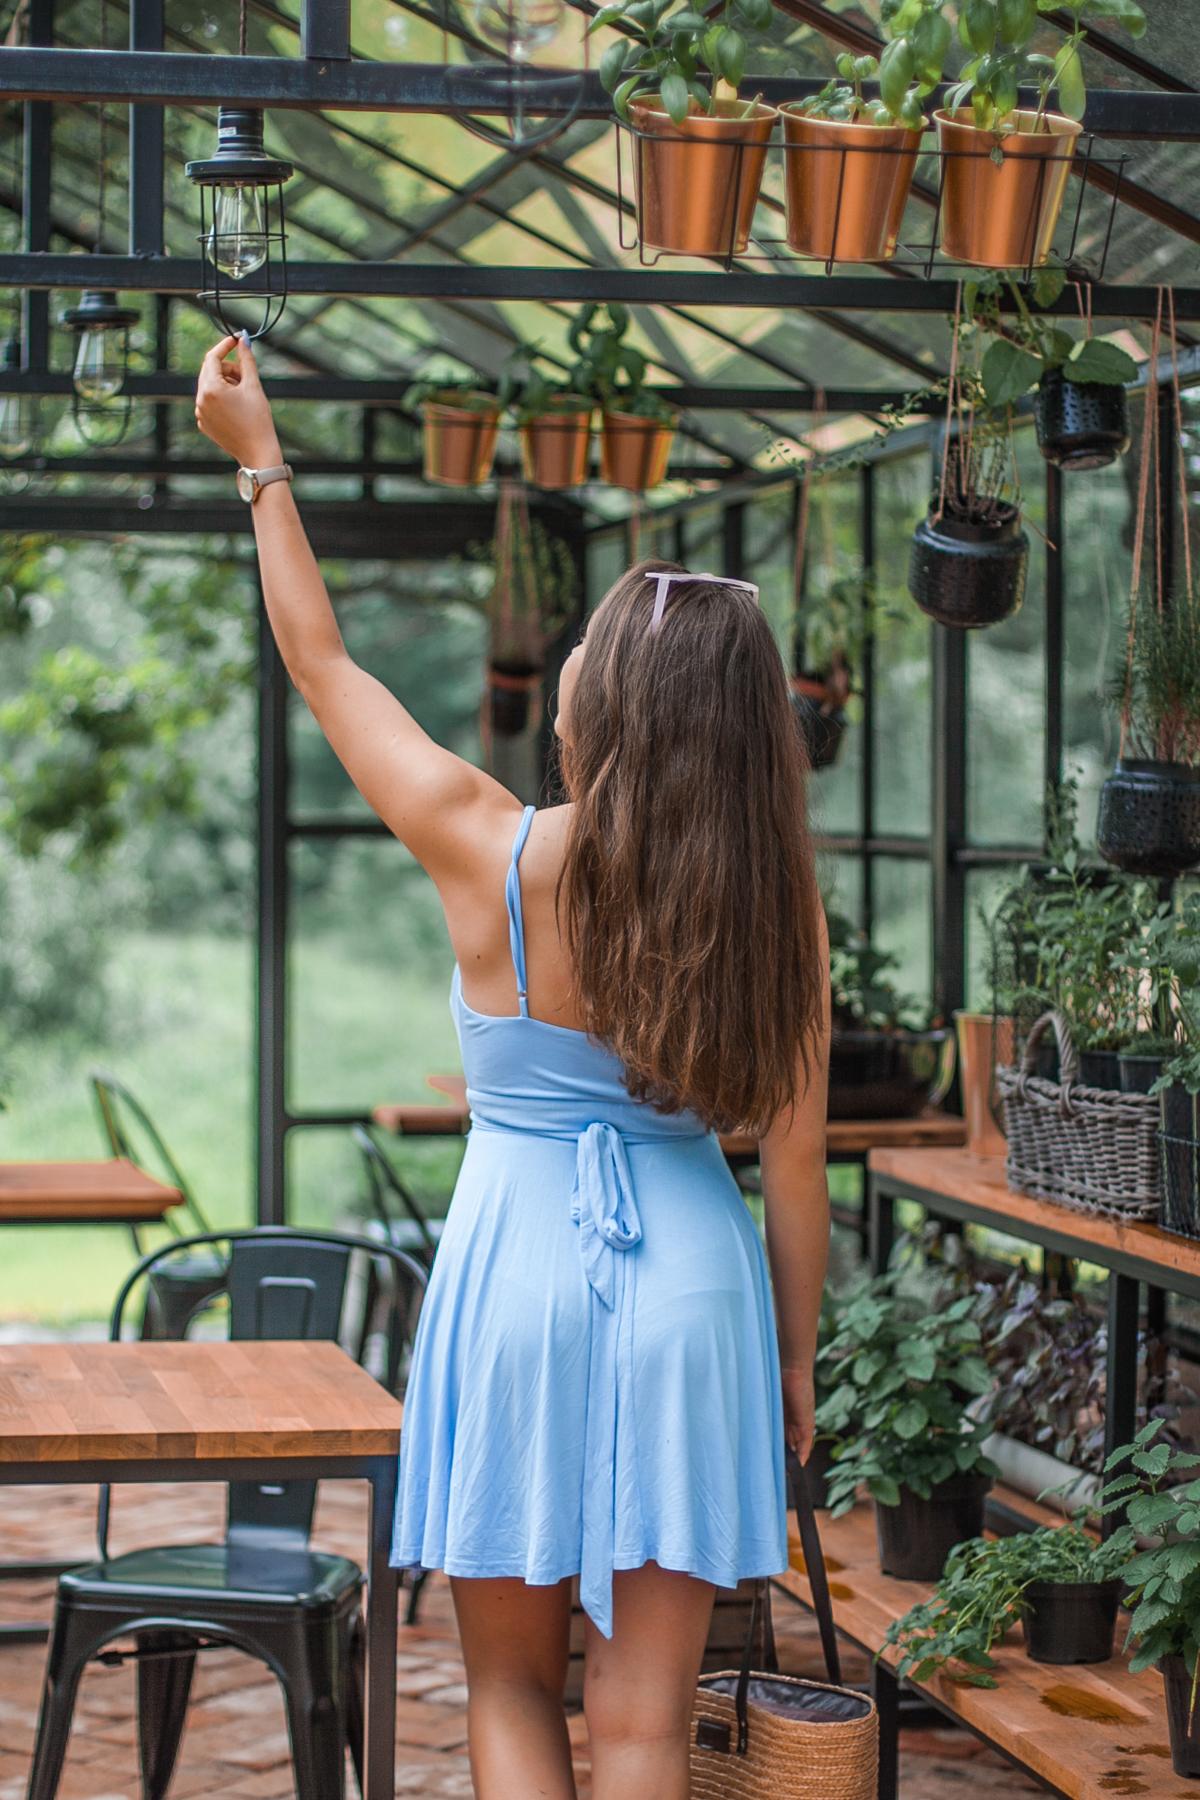 błękitna sukienka na lato stylizacja